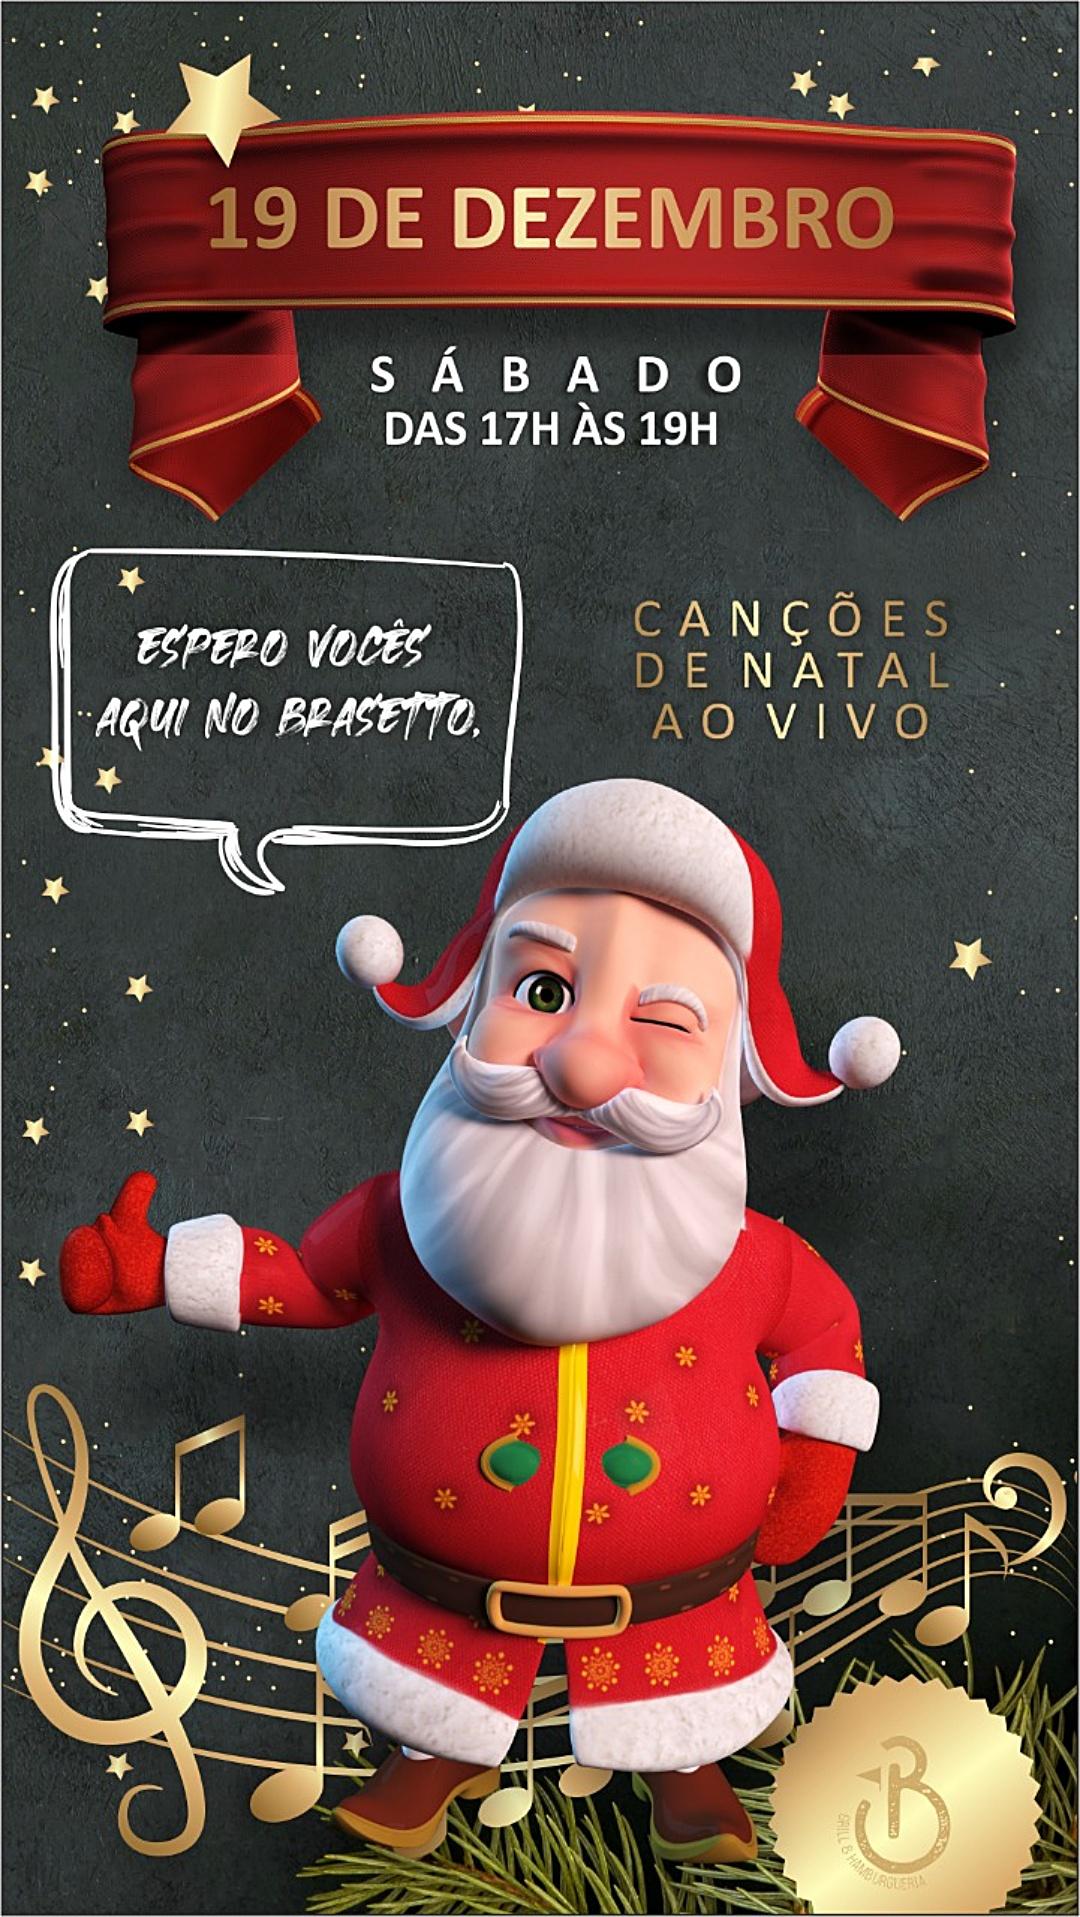 Brasetto Restaurante tem apresentações natalinas neste sábado